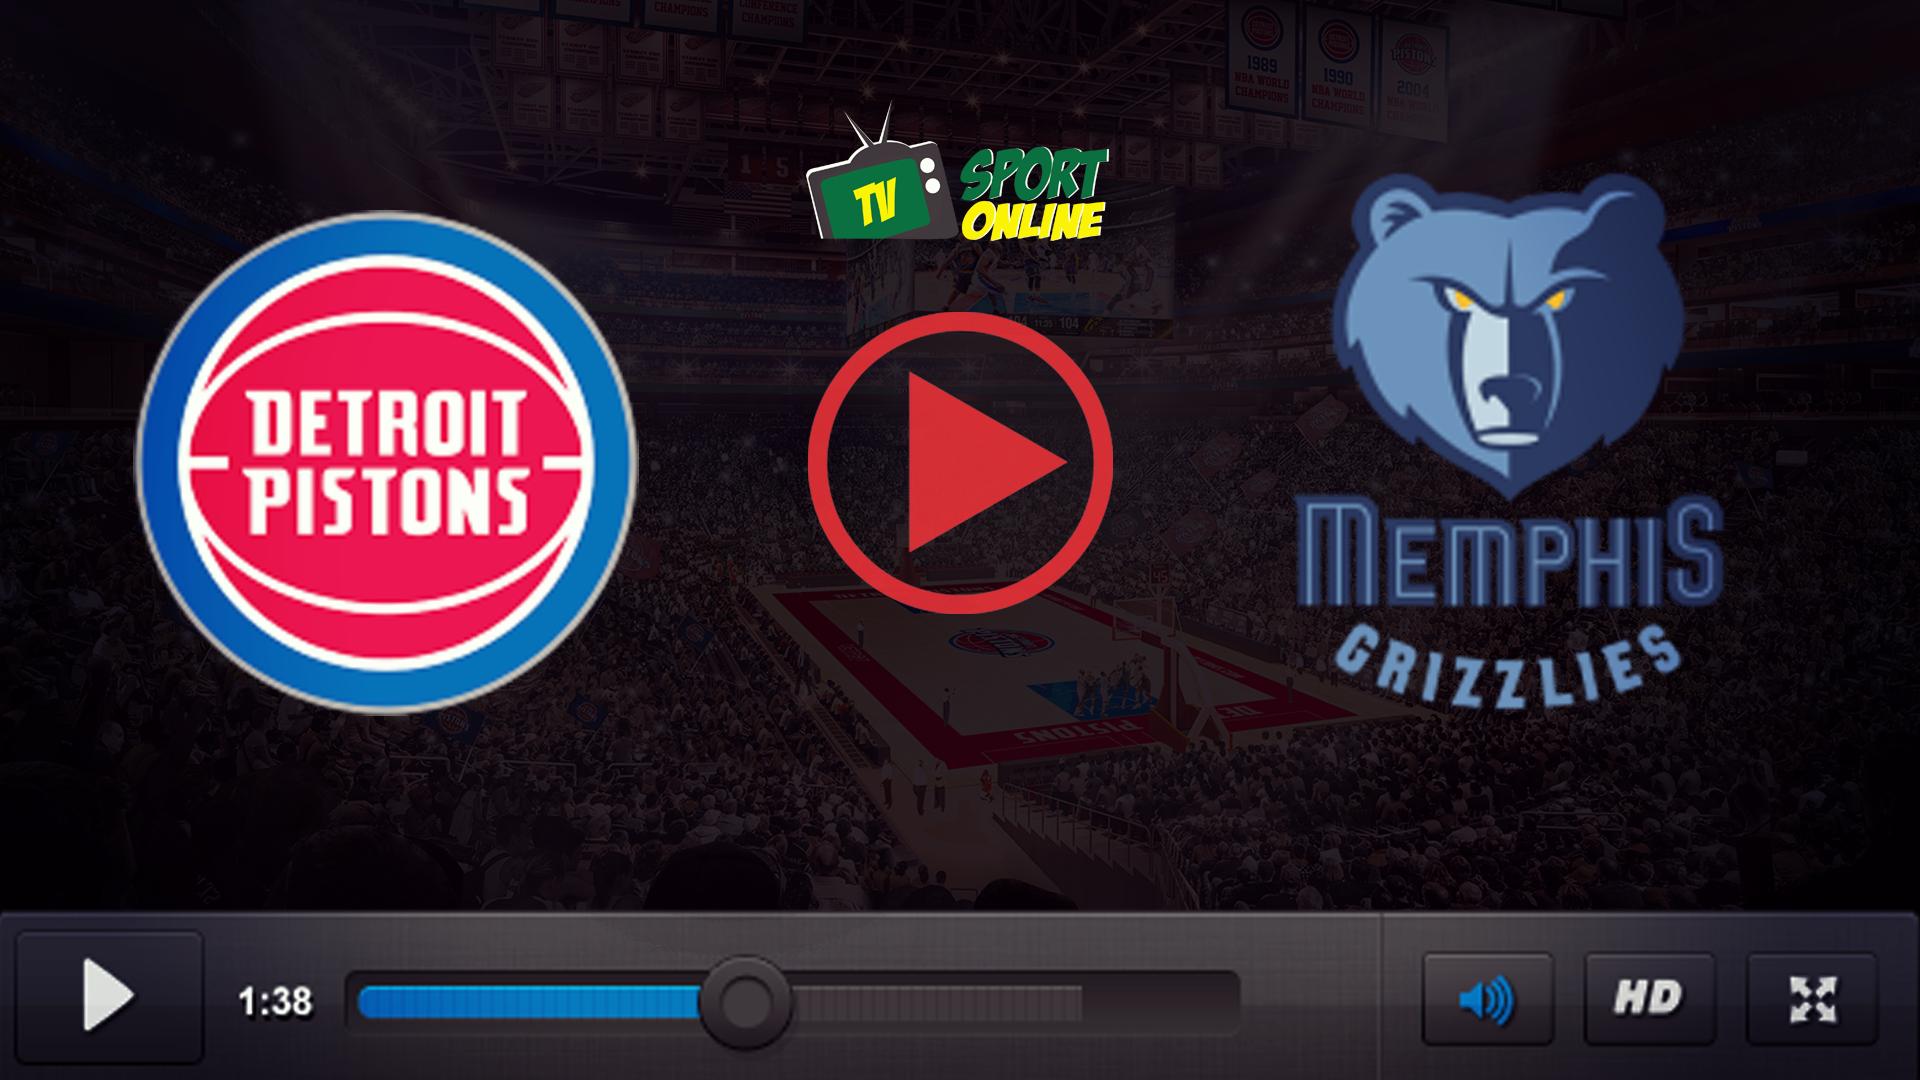 Watch Live Stream Detroit Pistons – Memphis Grizzlies